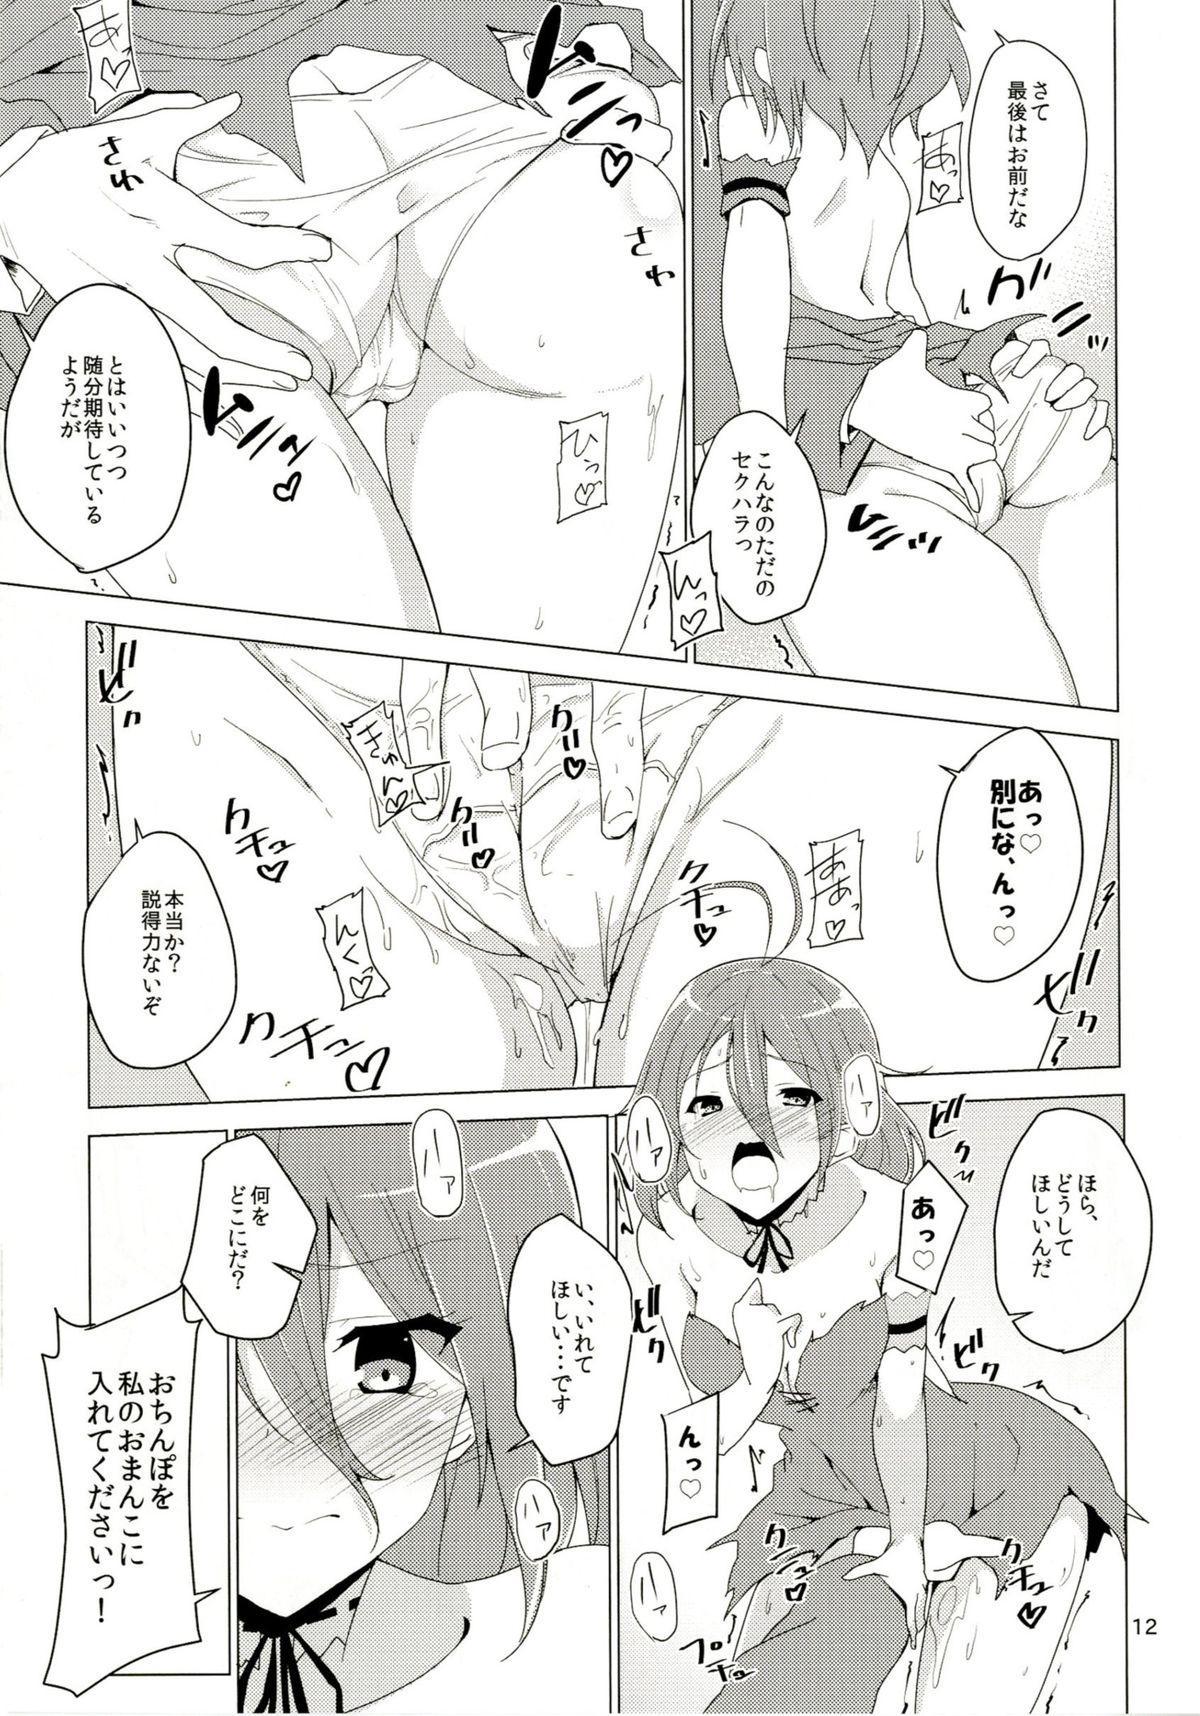 Elementario de Ikimashou! 11